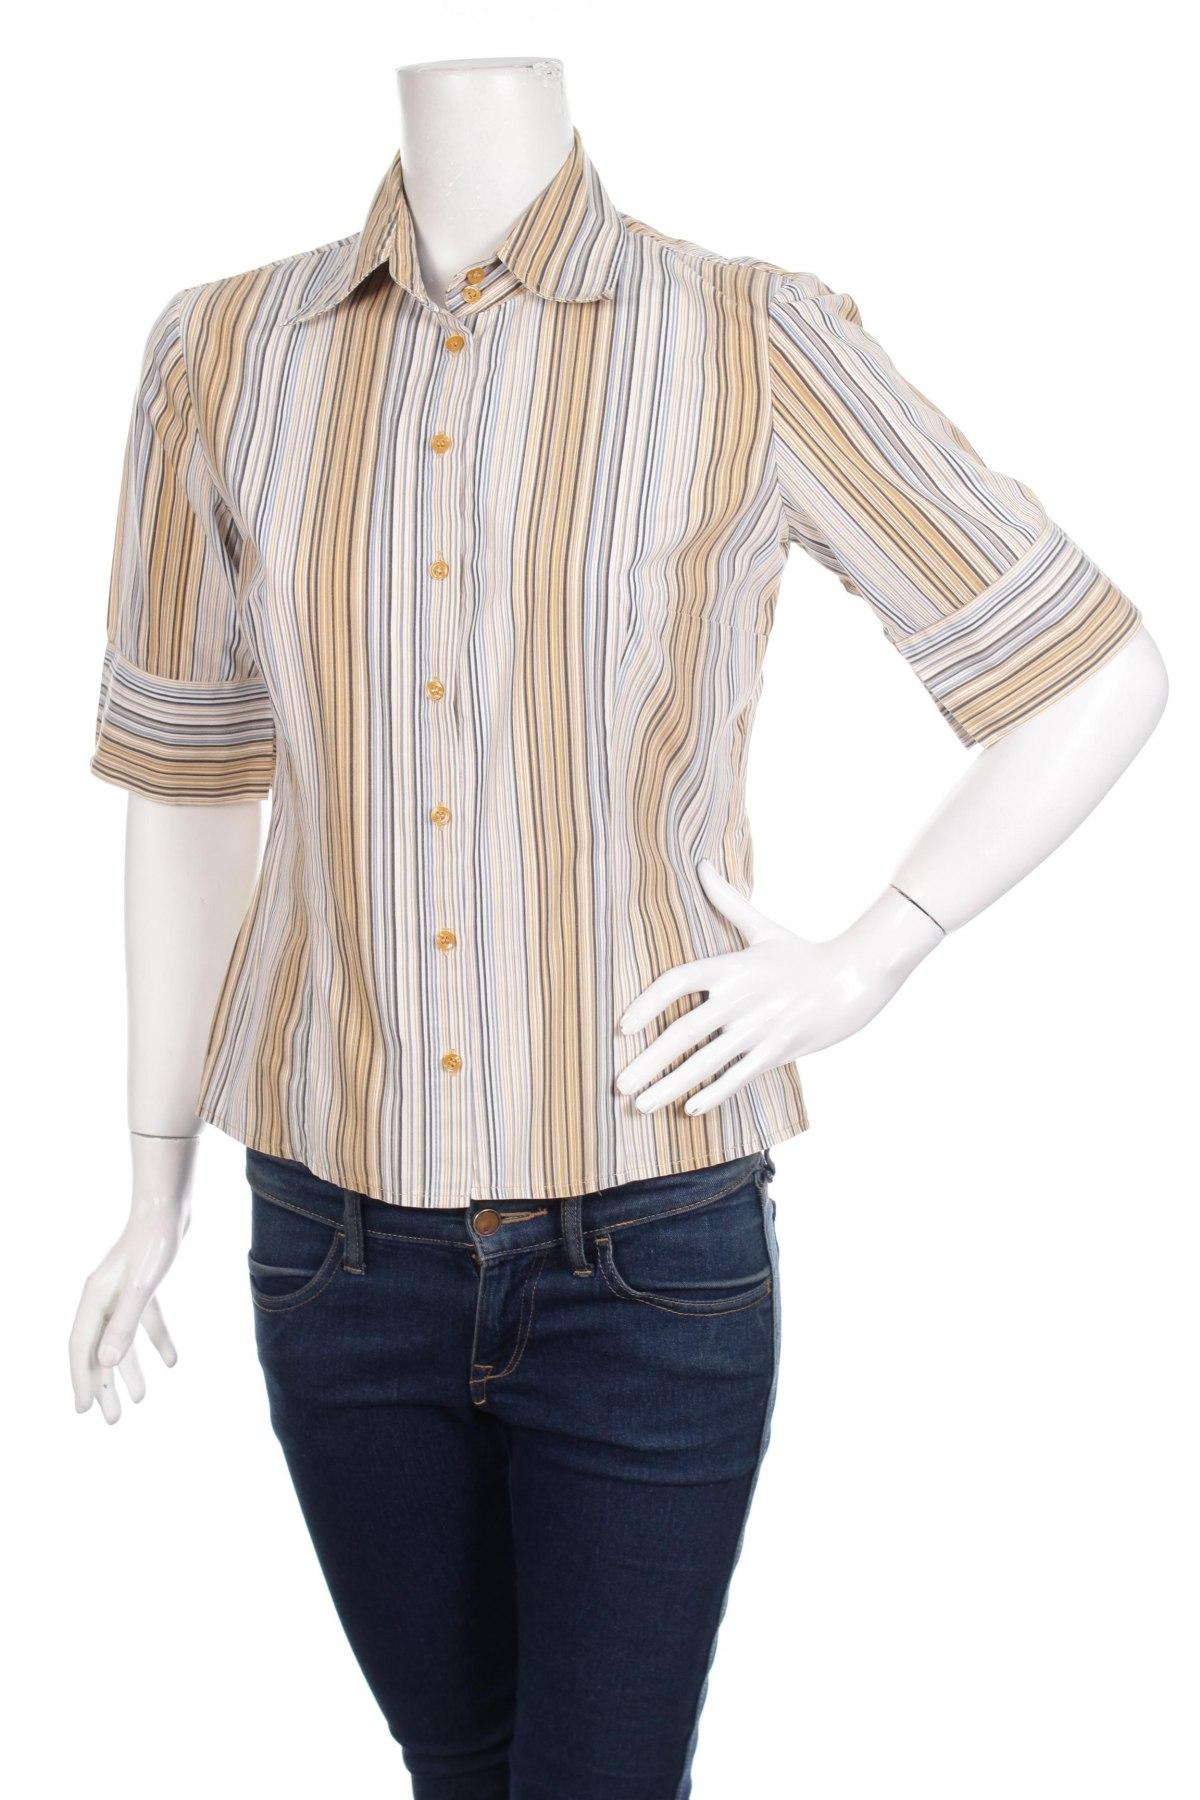 Γυναικείο πουκάμισο Miss H.